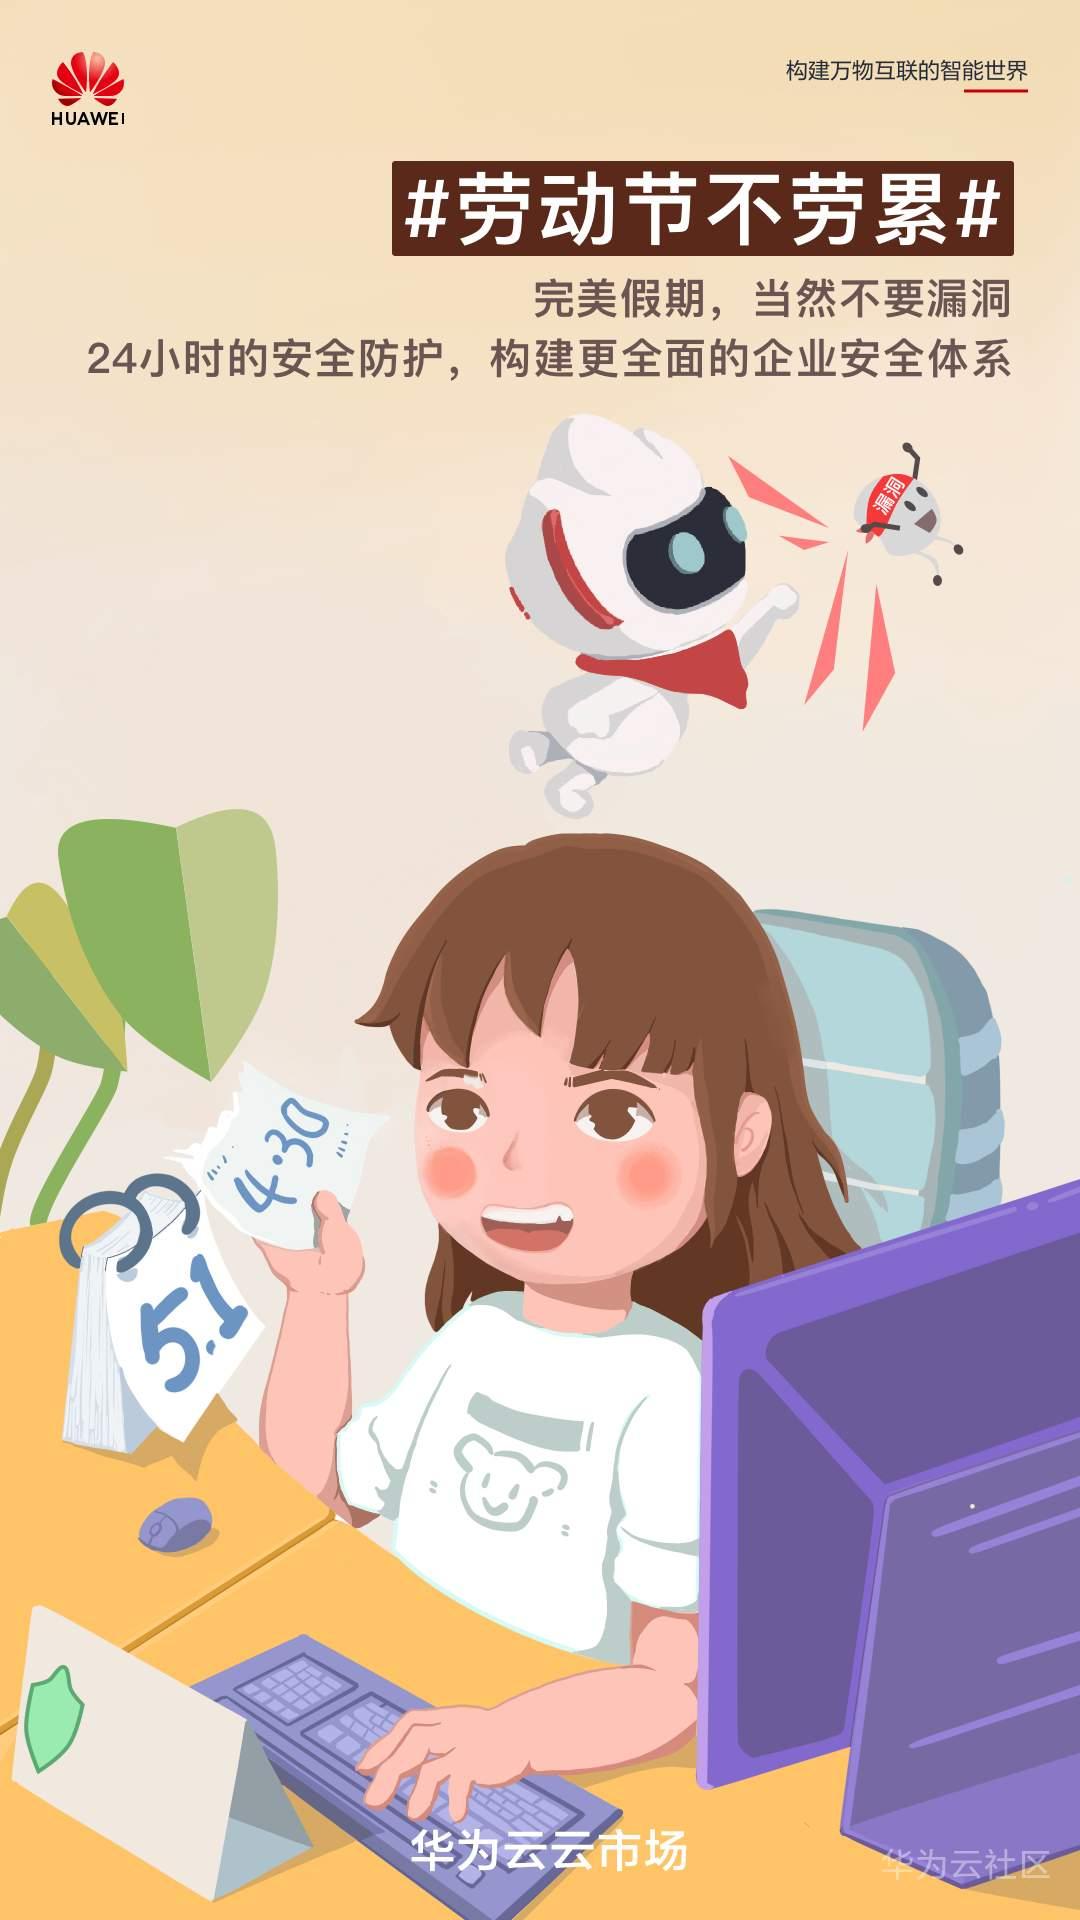 劳动节系列海报.4.jpg